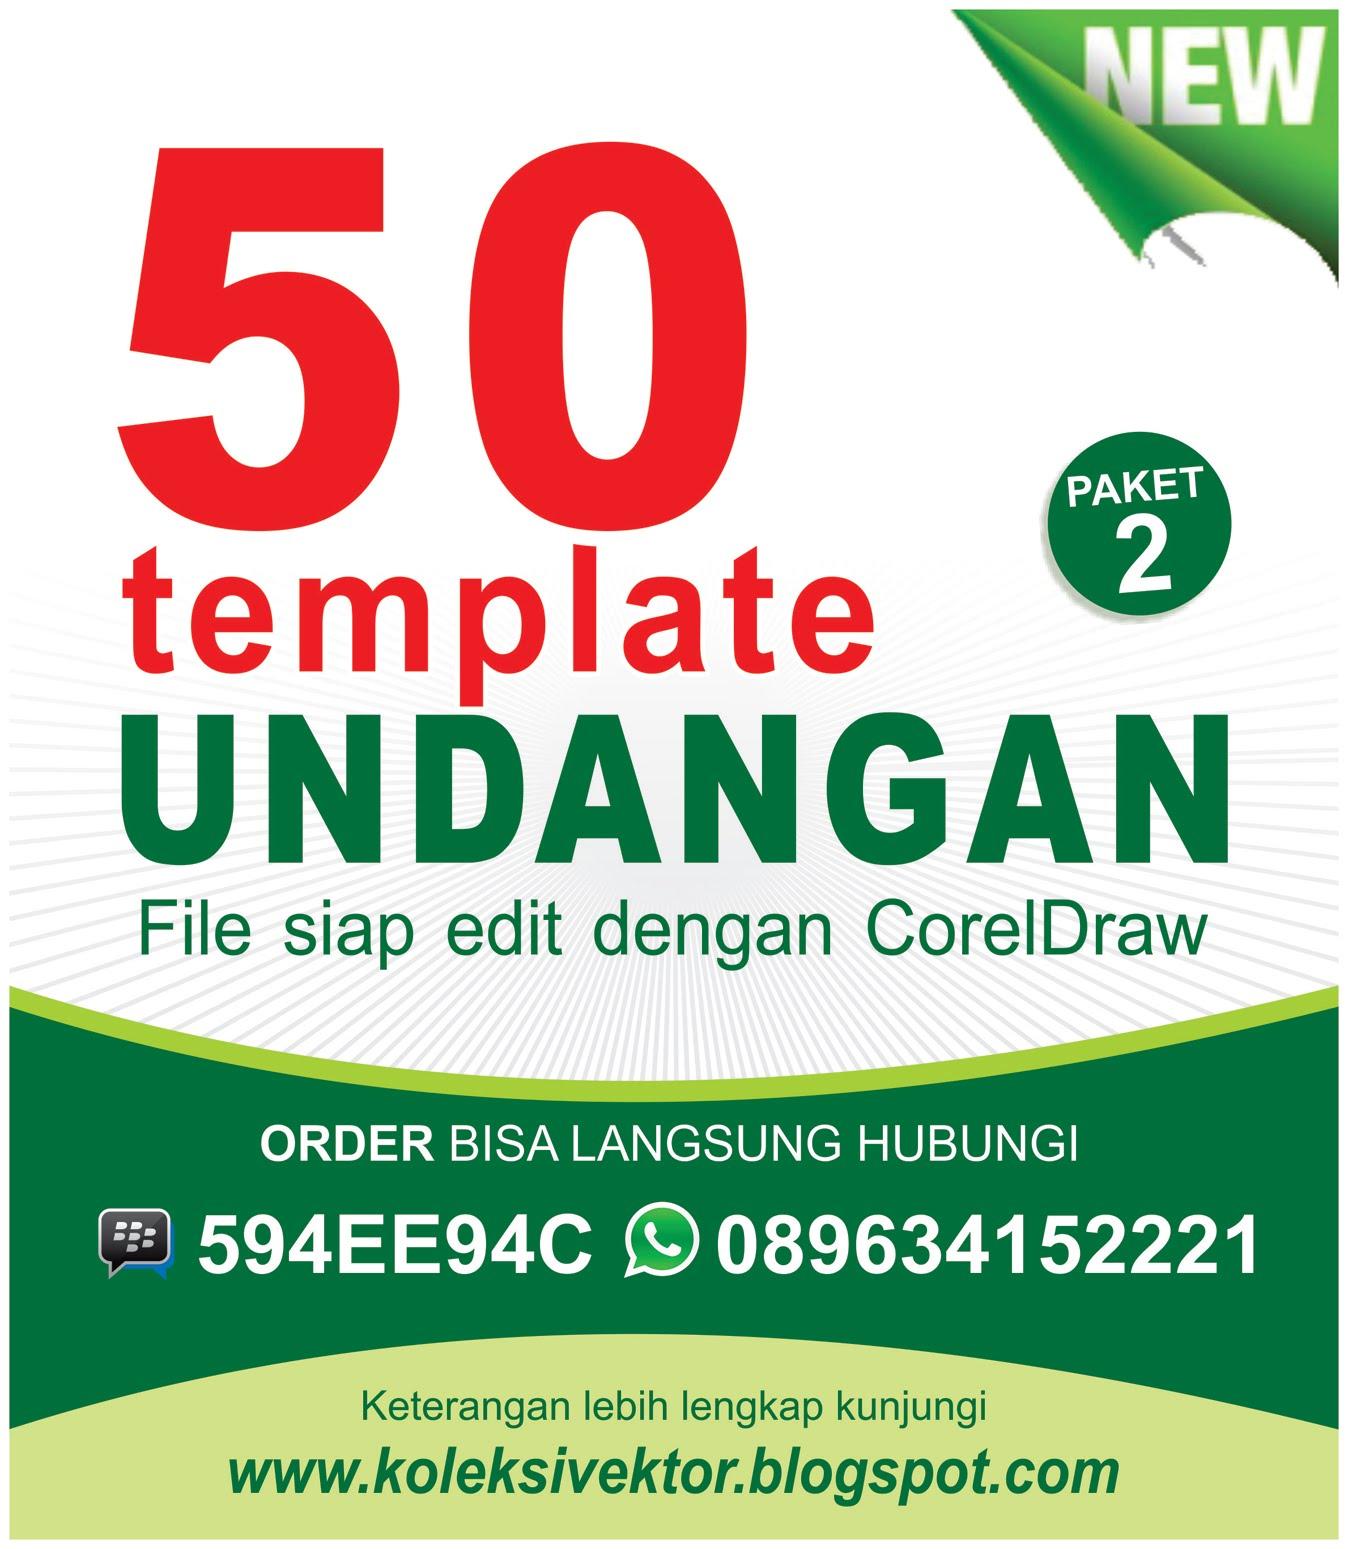 50 Template undangan